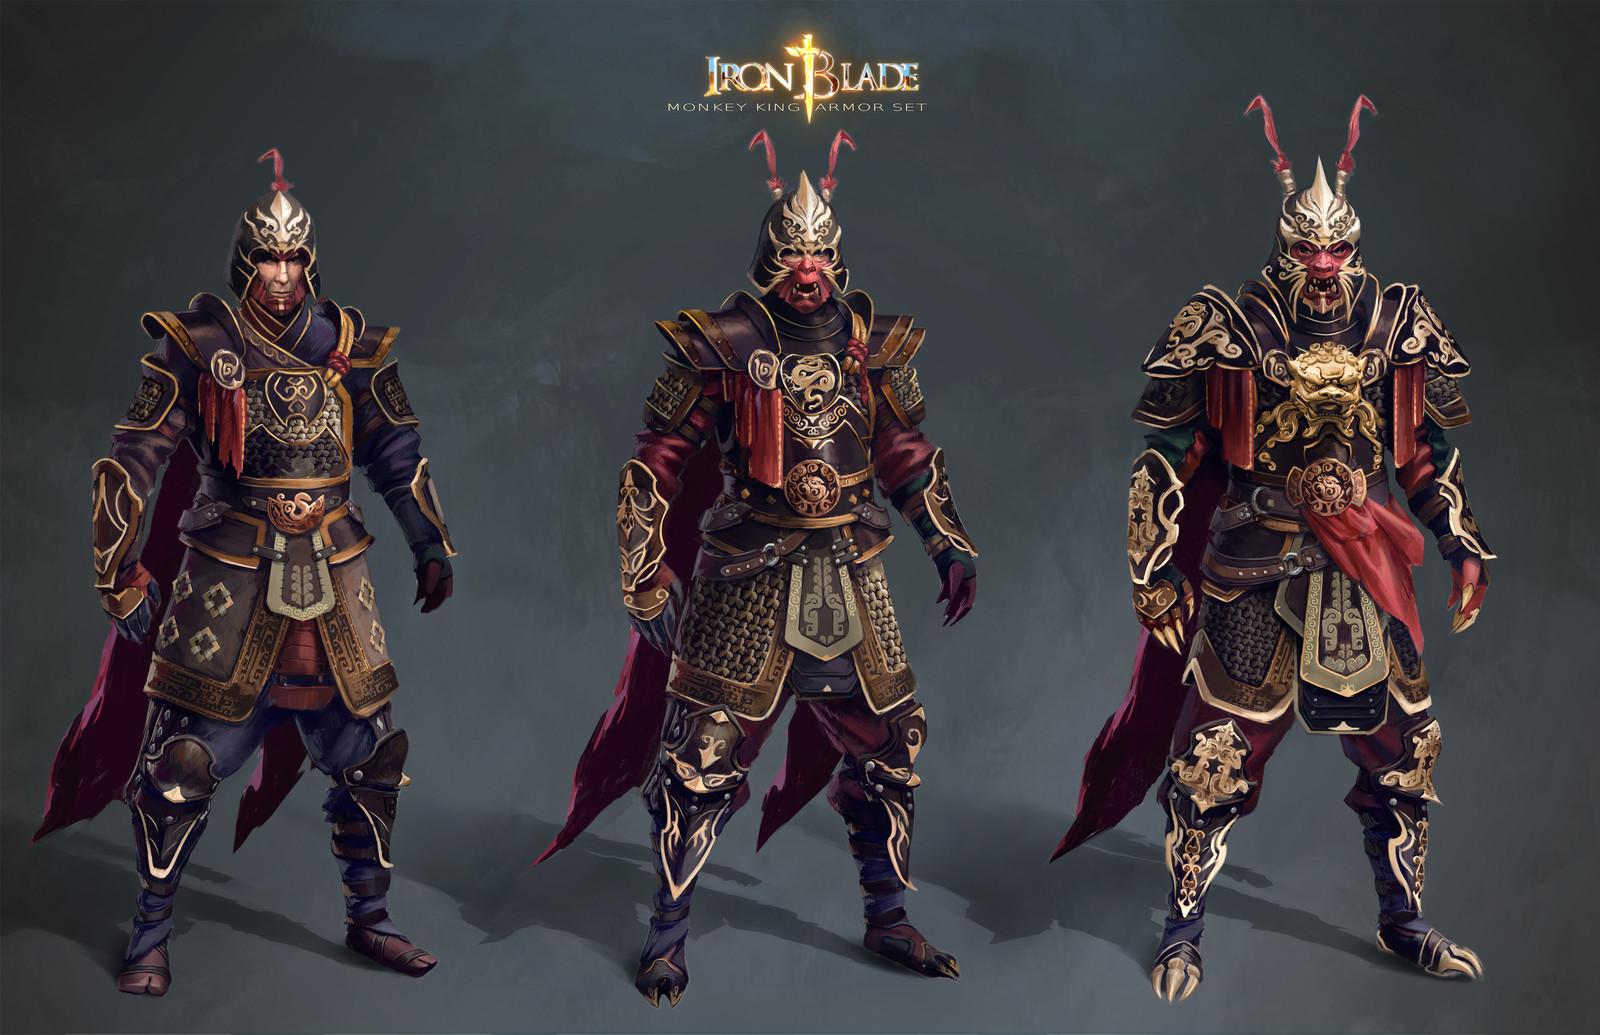 Monkey King armor set